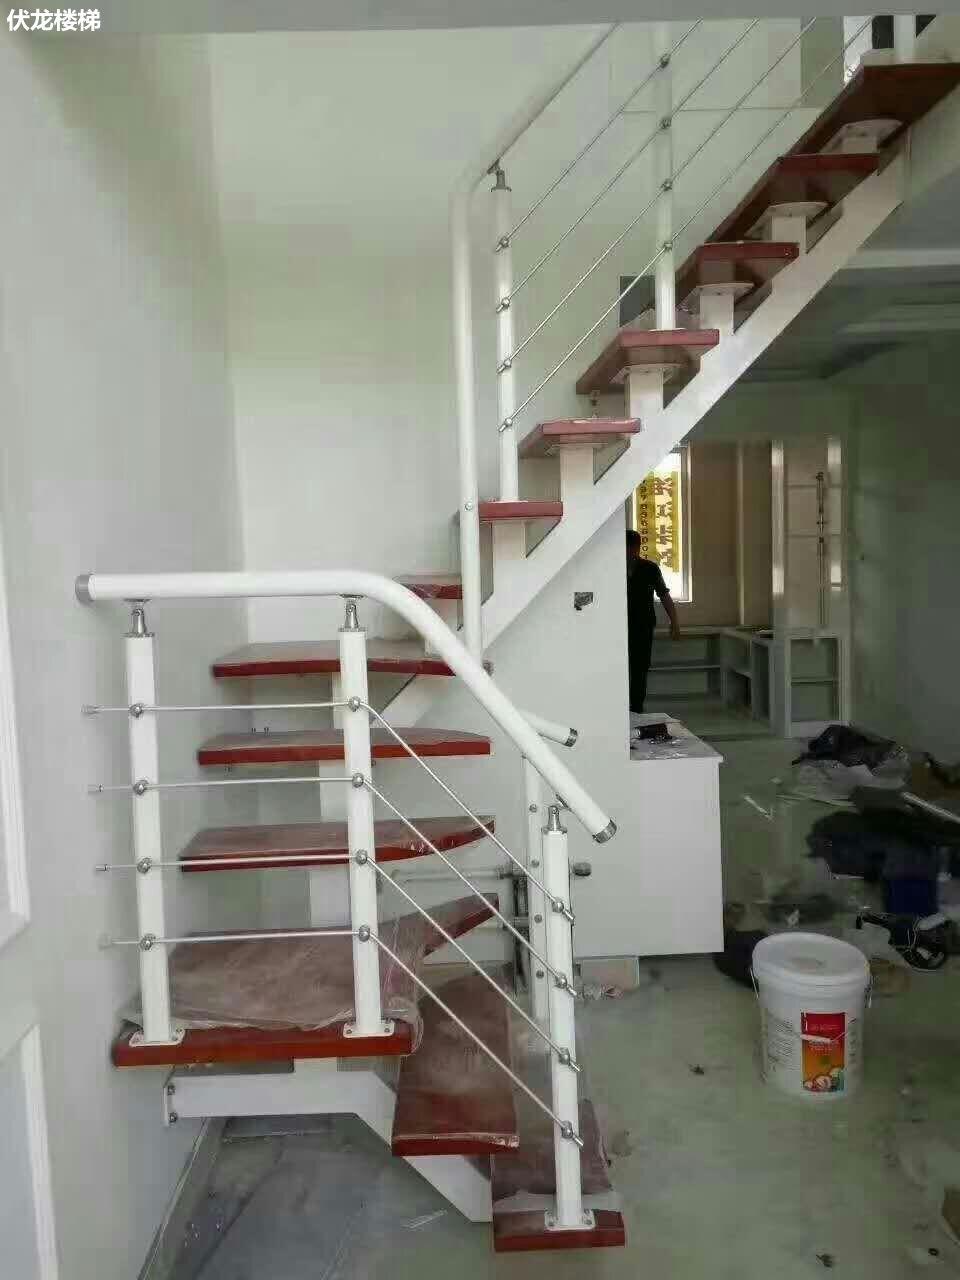 【产品16】不锈钢拉丝扶手-复式楼梯阁楼楼梯整体楼梯